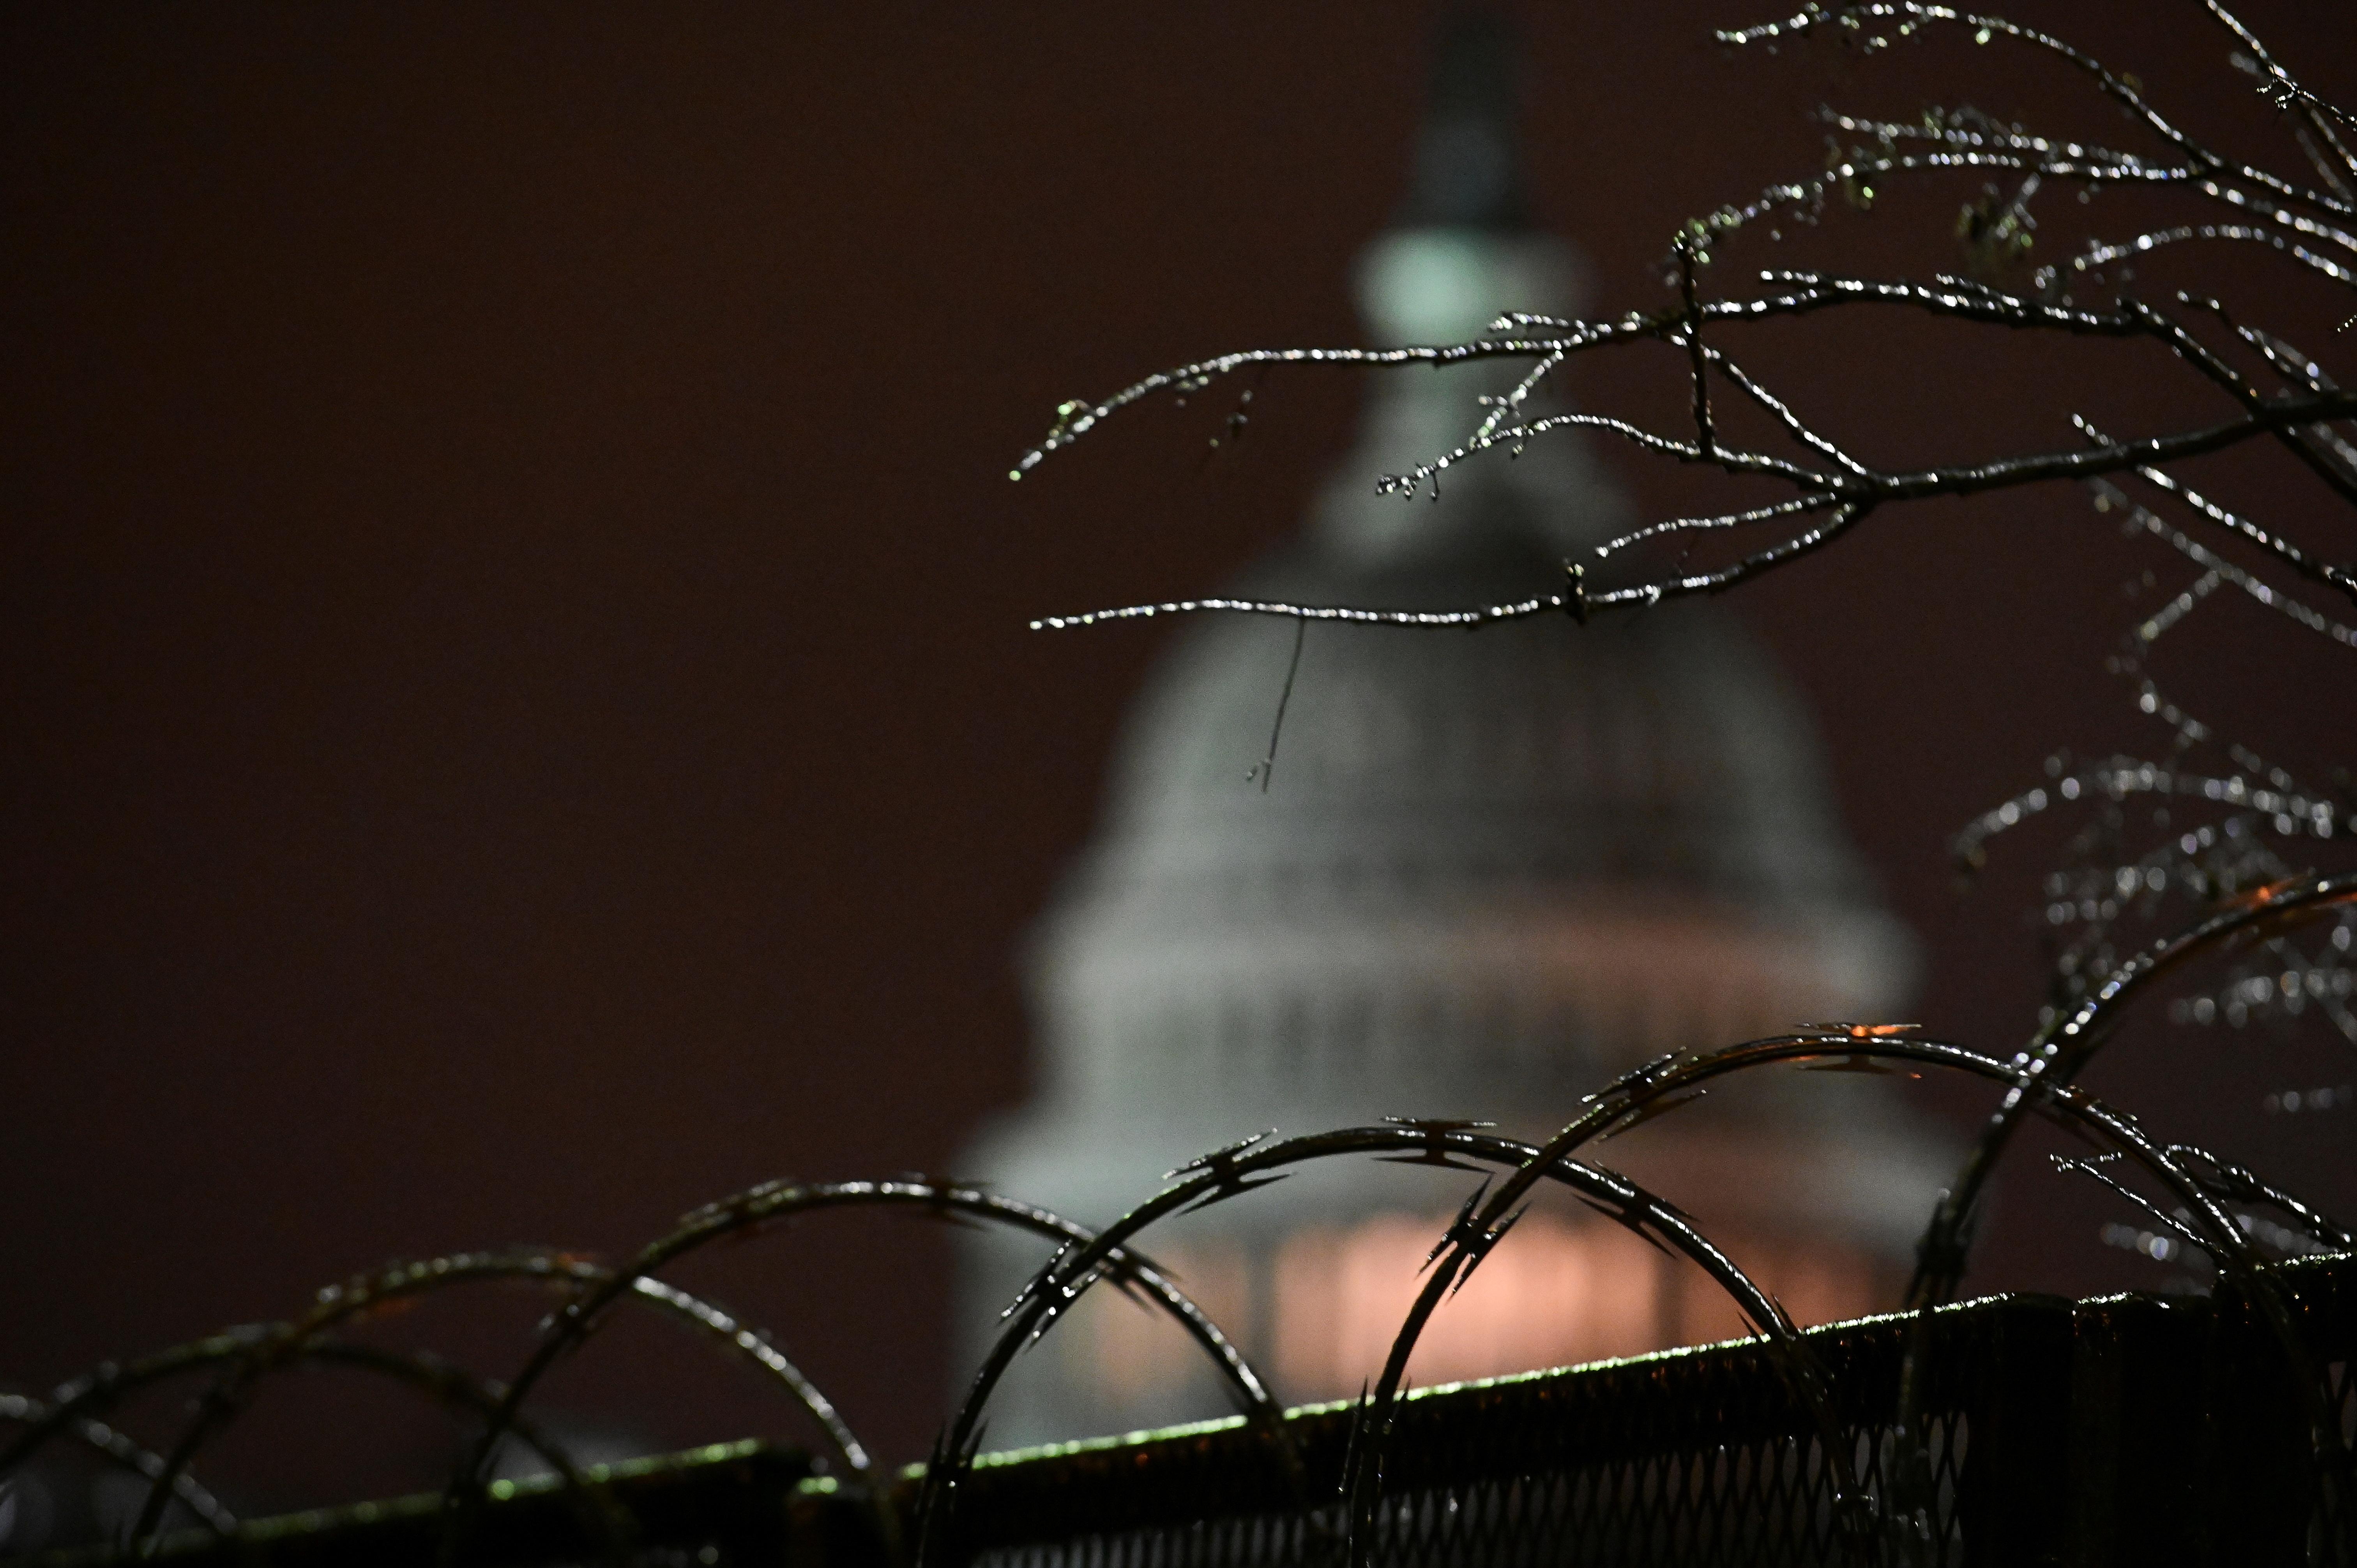 Vista del Capitolio a través de las vallas de seguridad.